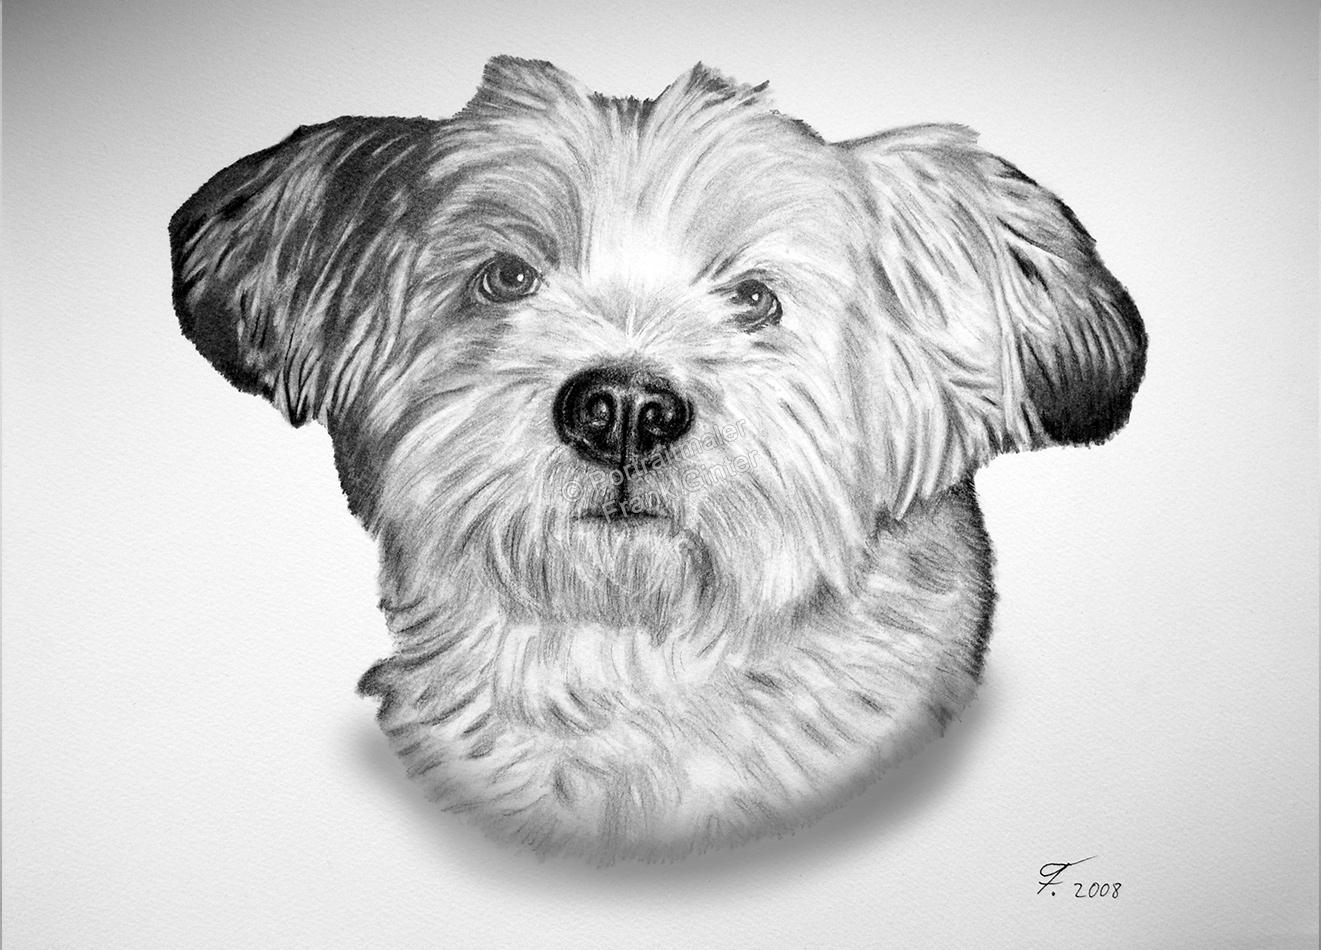 Bleistiftzeichnungen, Tierportraits Hunde Bleistiftzeichnung, Tierzeichnungen, Tierzeichner für Hundebilder